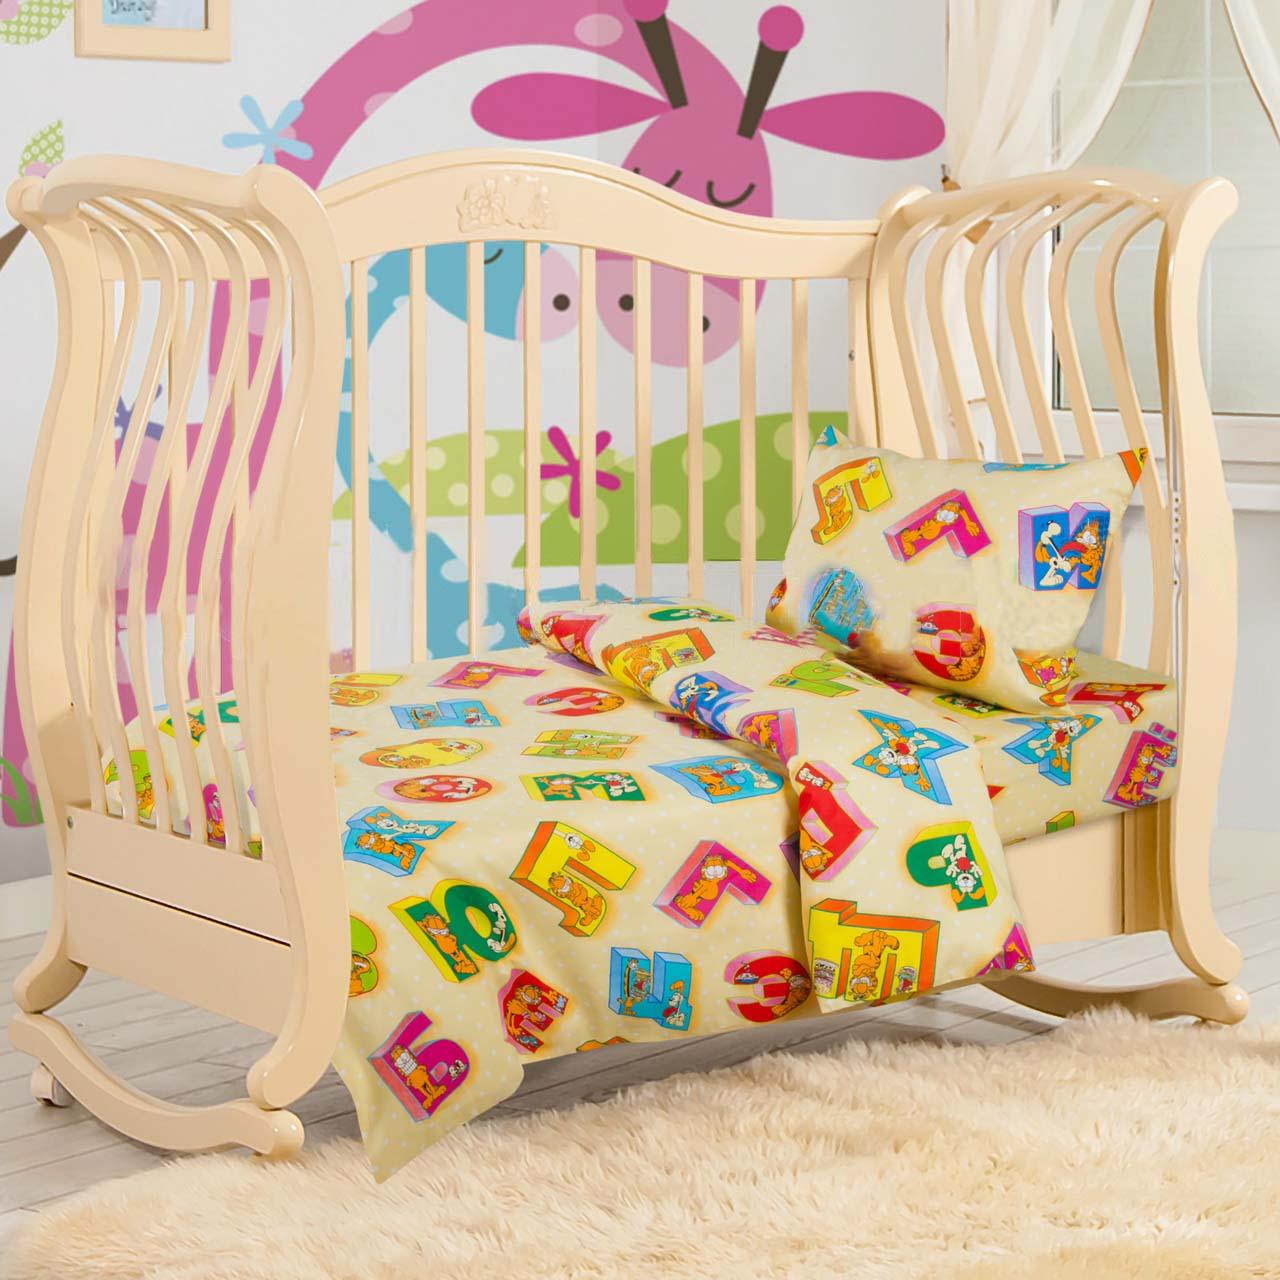 Комплект постельного белья Алфавит из бязиДетское постельное белье<br><br><br>Размер: Детский 112х147 (Наволочка 1шт. - 40х60)